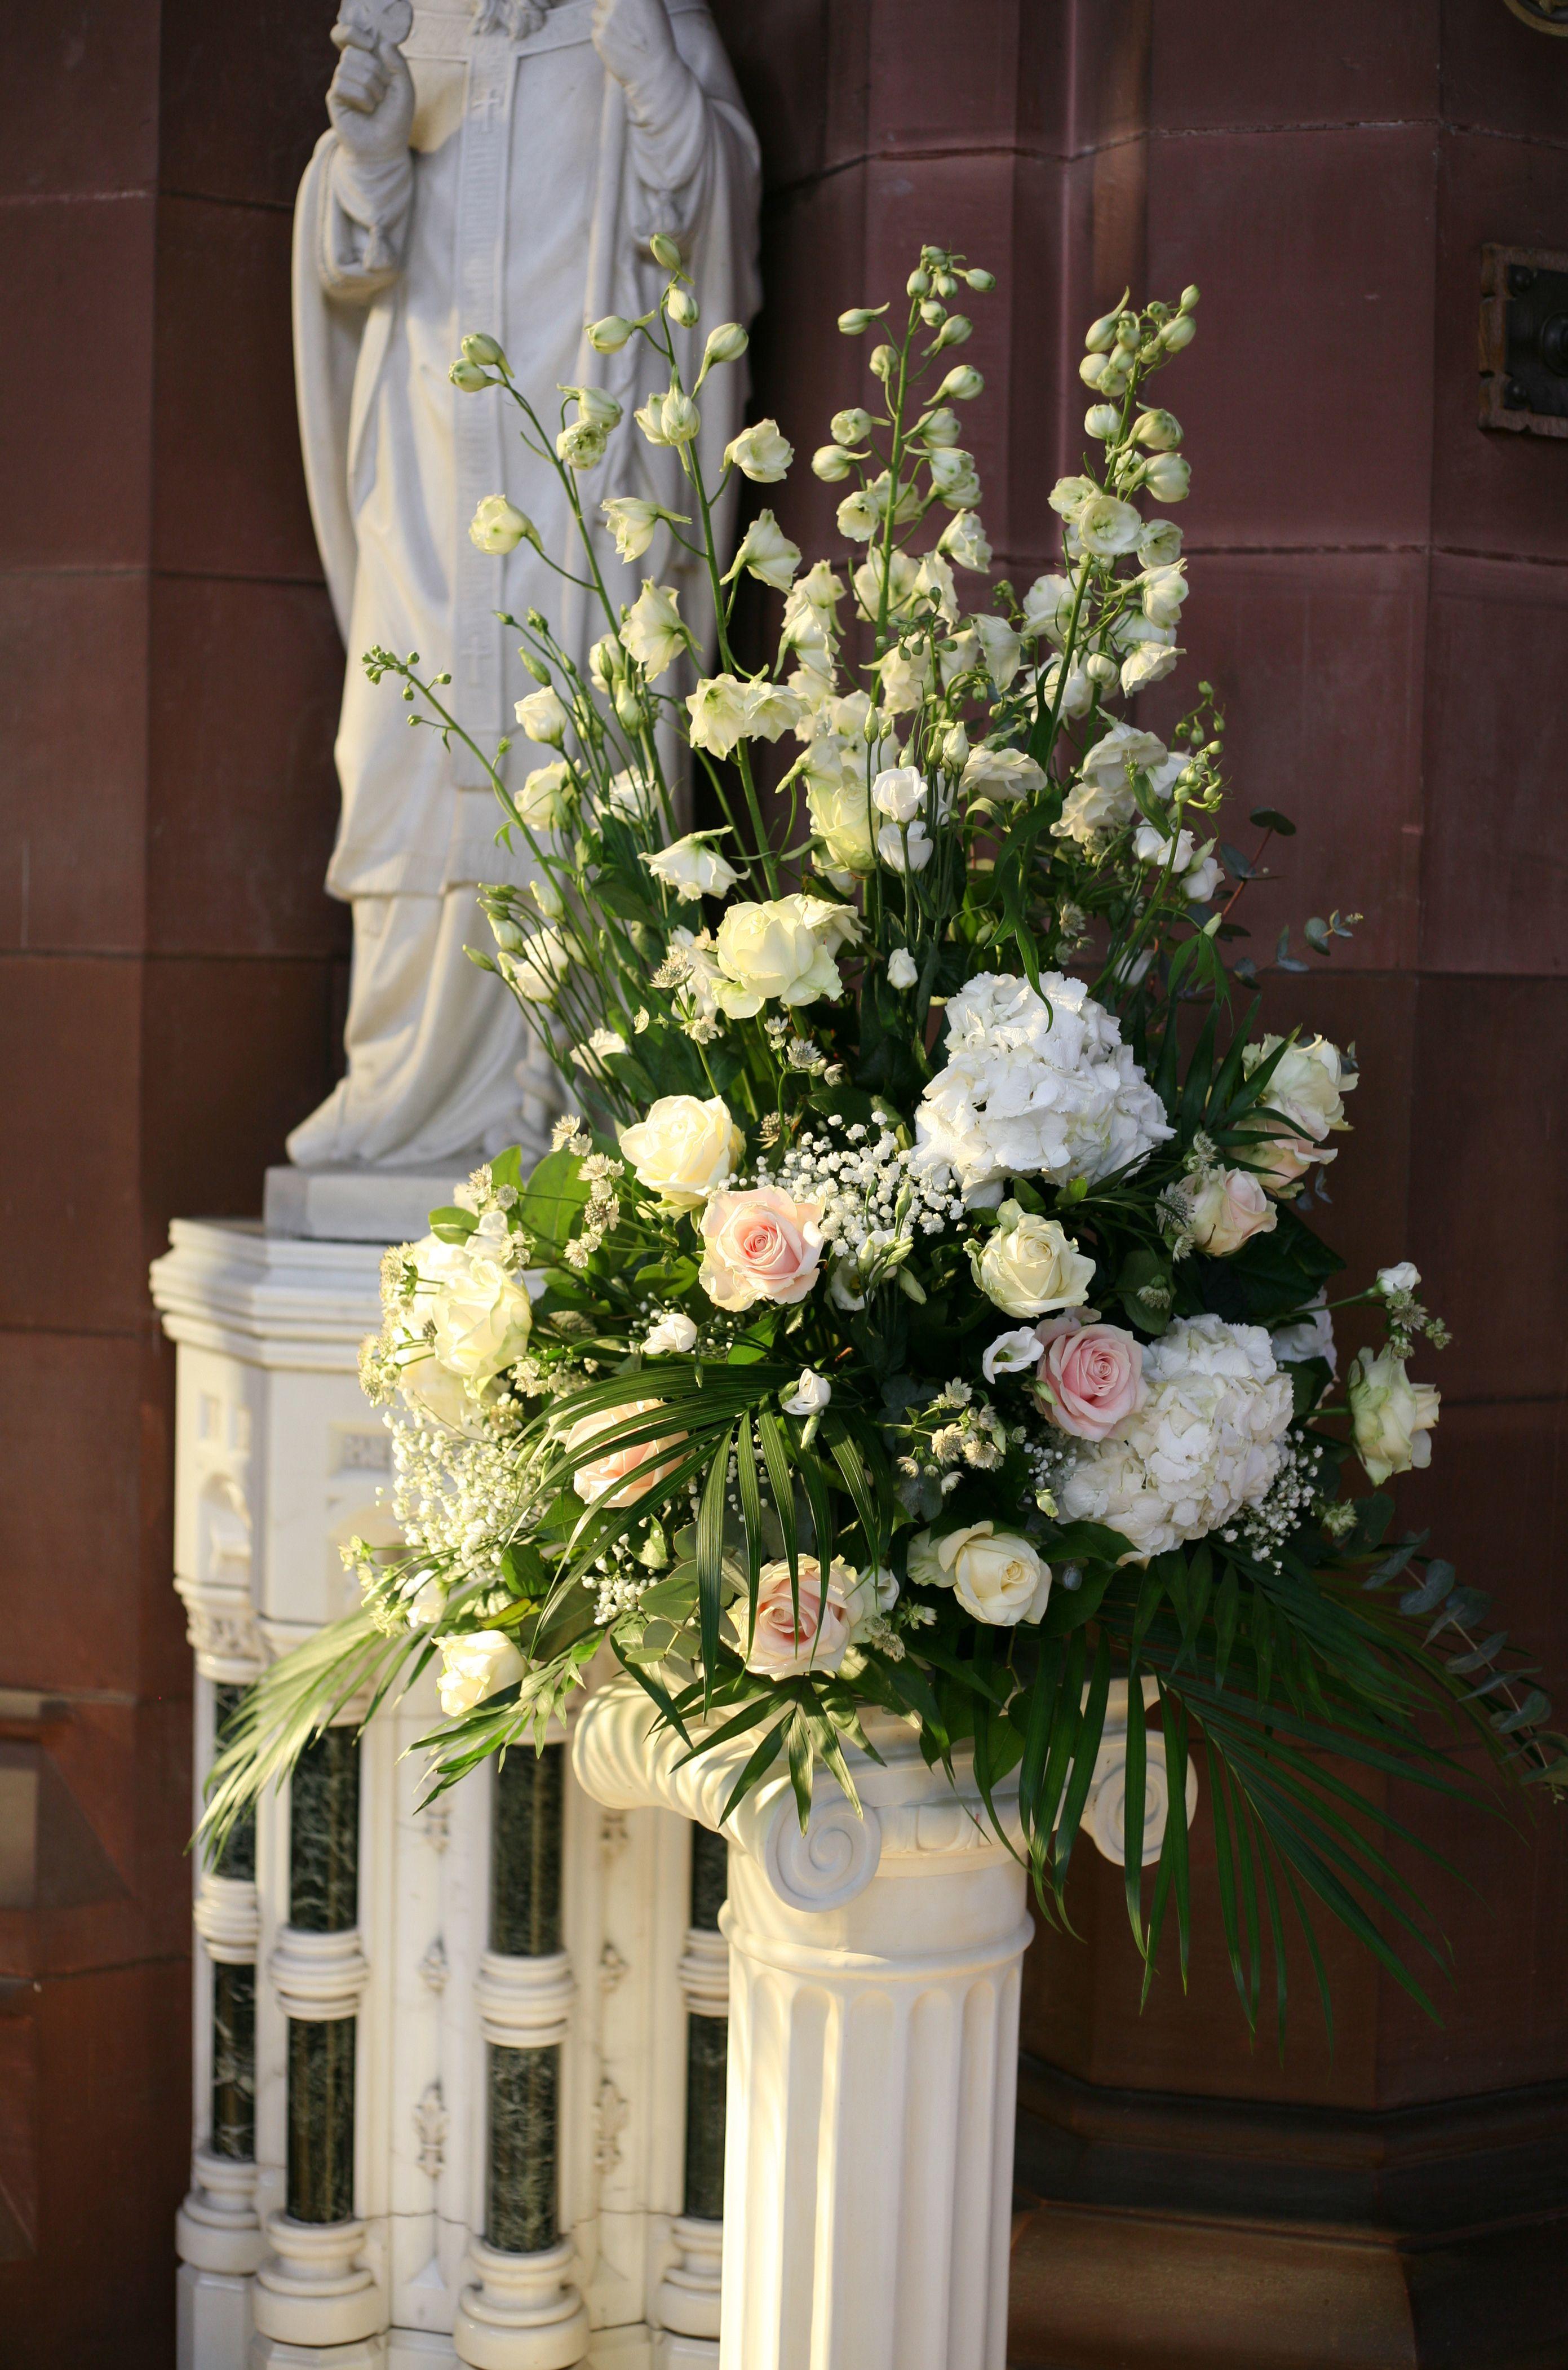 Church pedestal arrangement with white delphiniums for Flower arrangements with delphinium